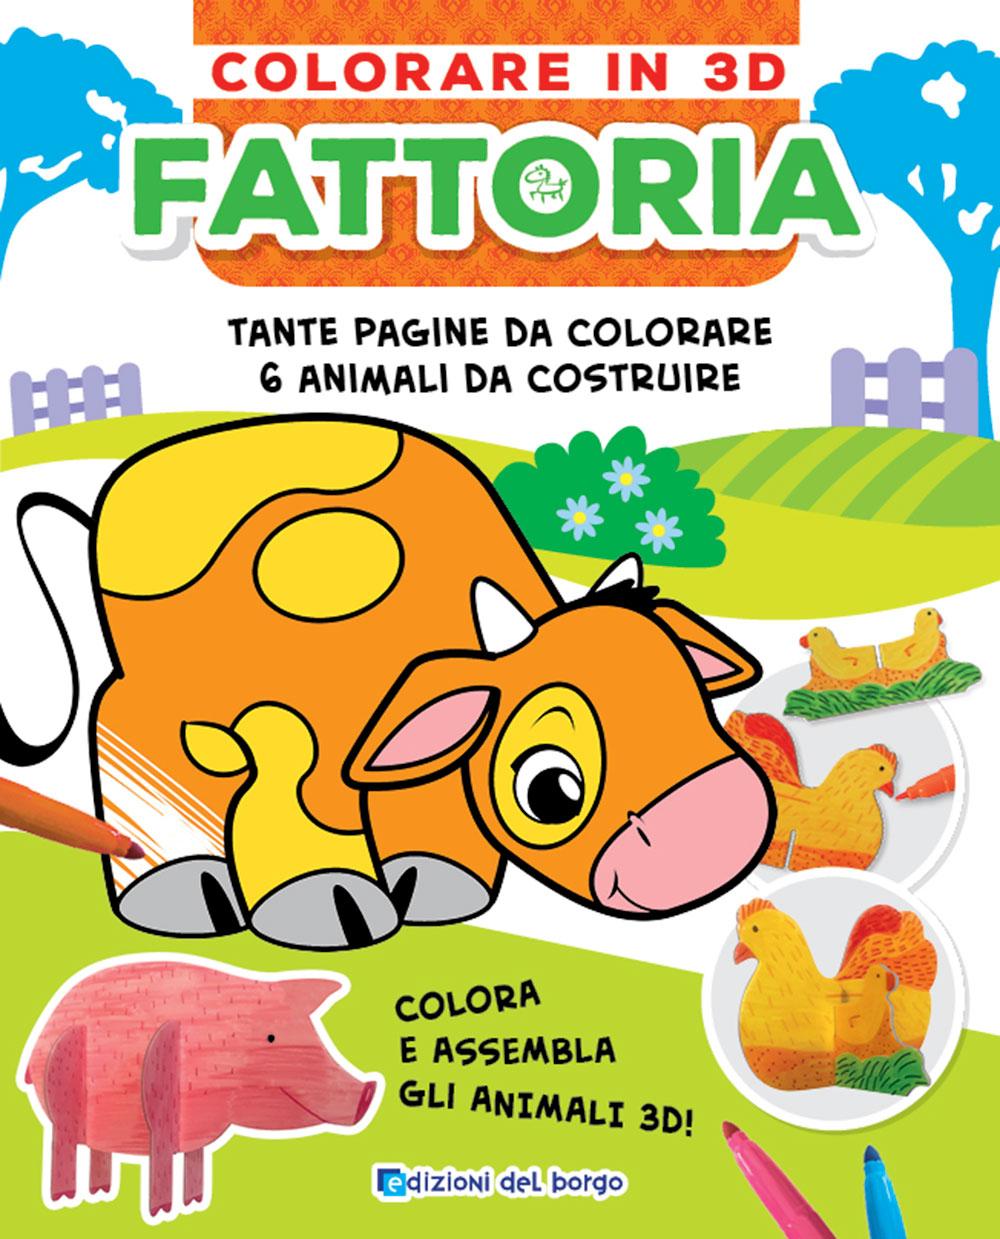 Colorare in 3D - Fattoria